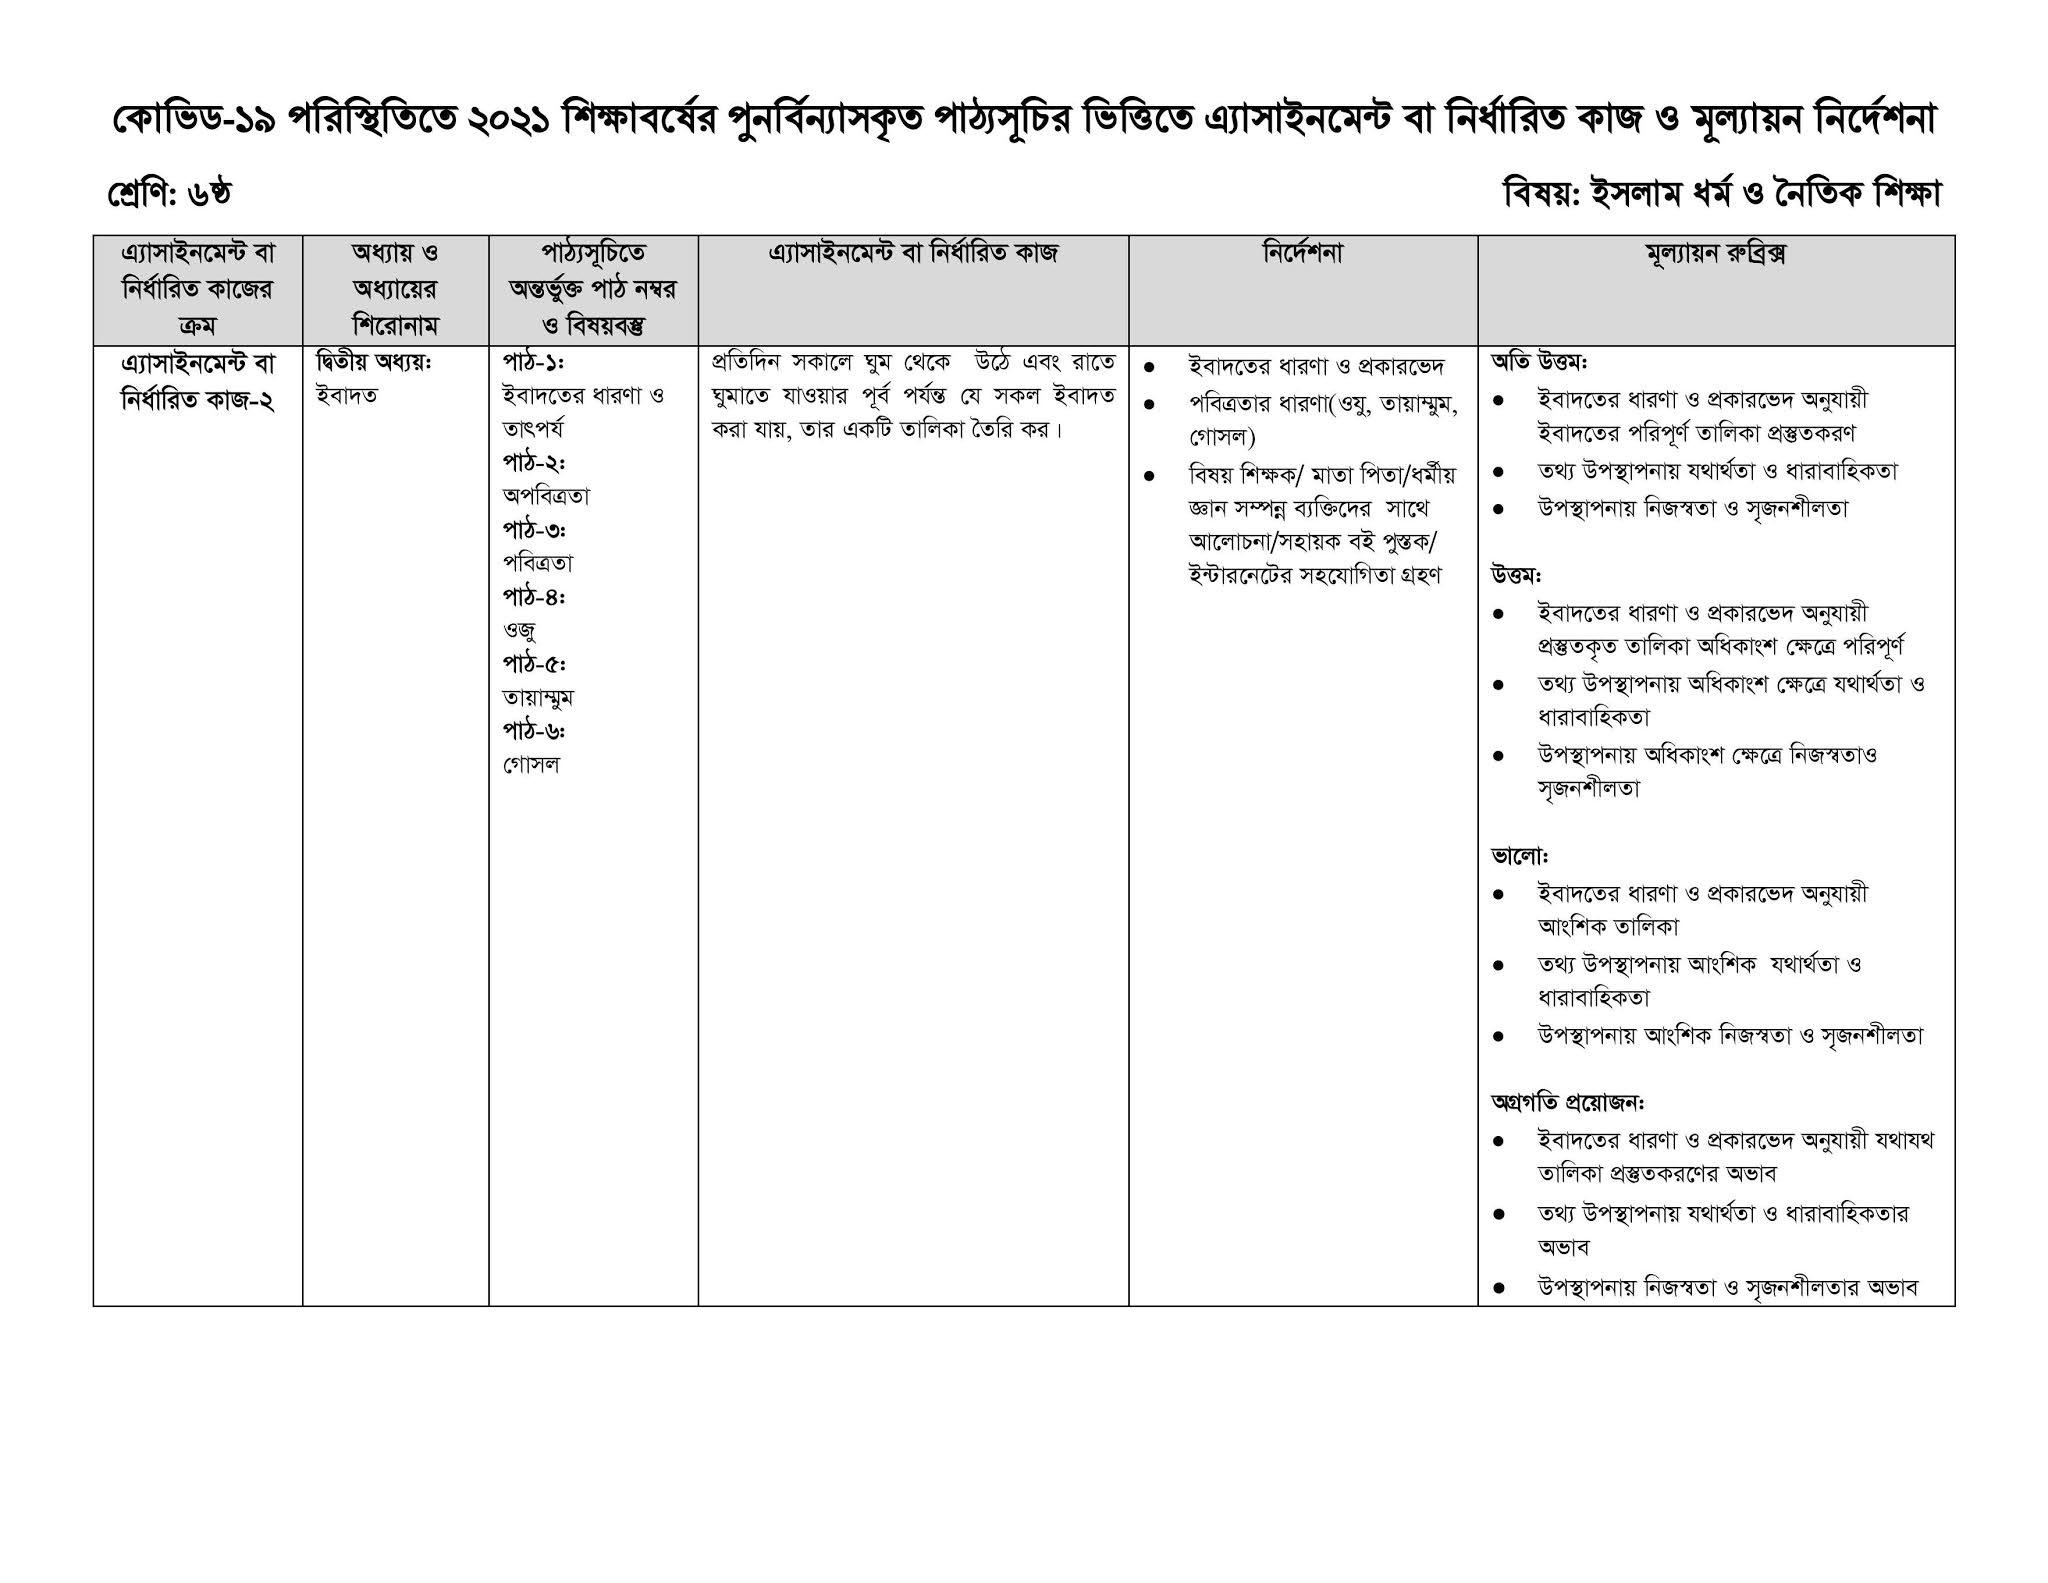 Class 6 Islam And Moral Education Assignment Answer 2021 (7th Week) -প্রতিদিন সকালে ঘুম থেকে উঠে এবং রাতে ঘুমাতে যাওয়ার পূর্ব পর্যন্ত যে সকল ইবাদত করা যায় , তার একটি তালিকা তৈরি কর ।